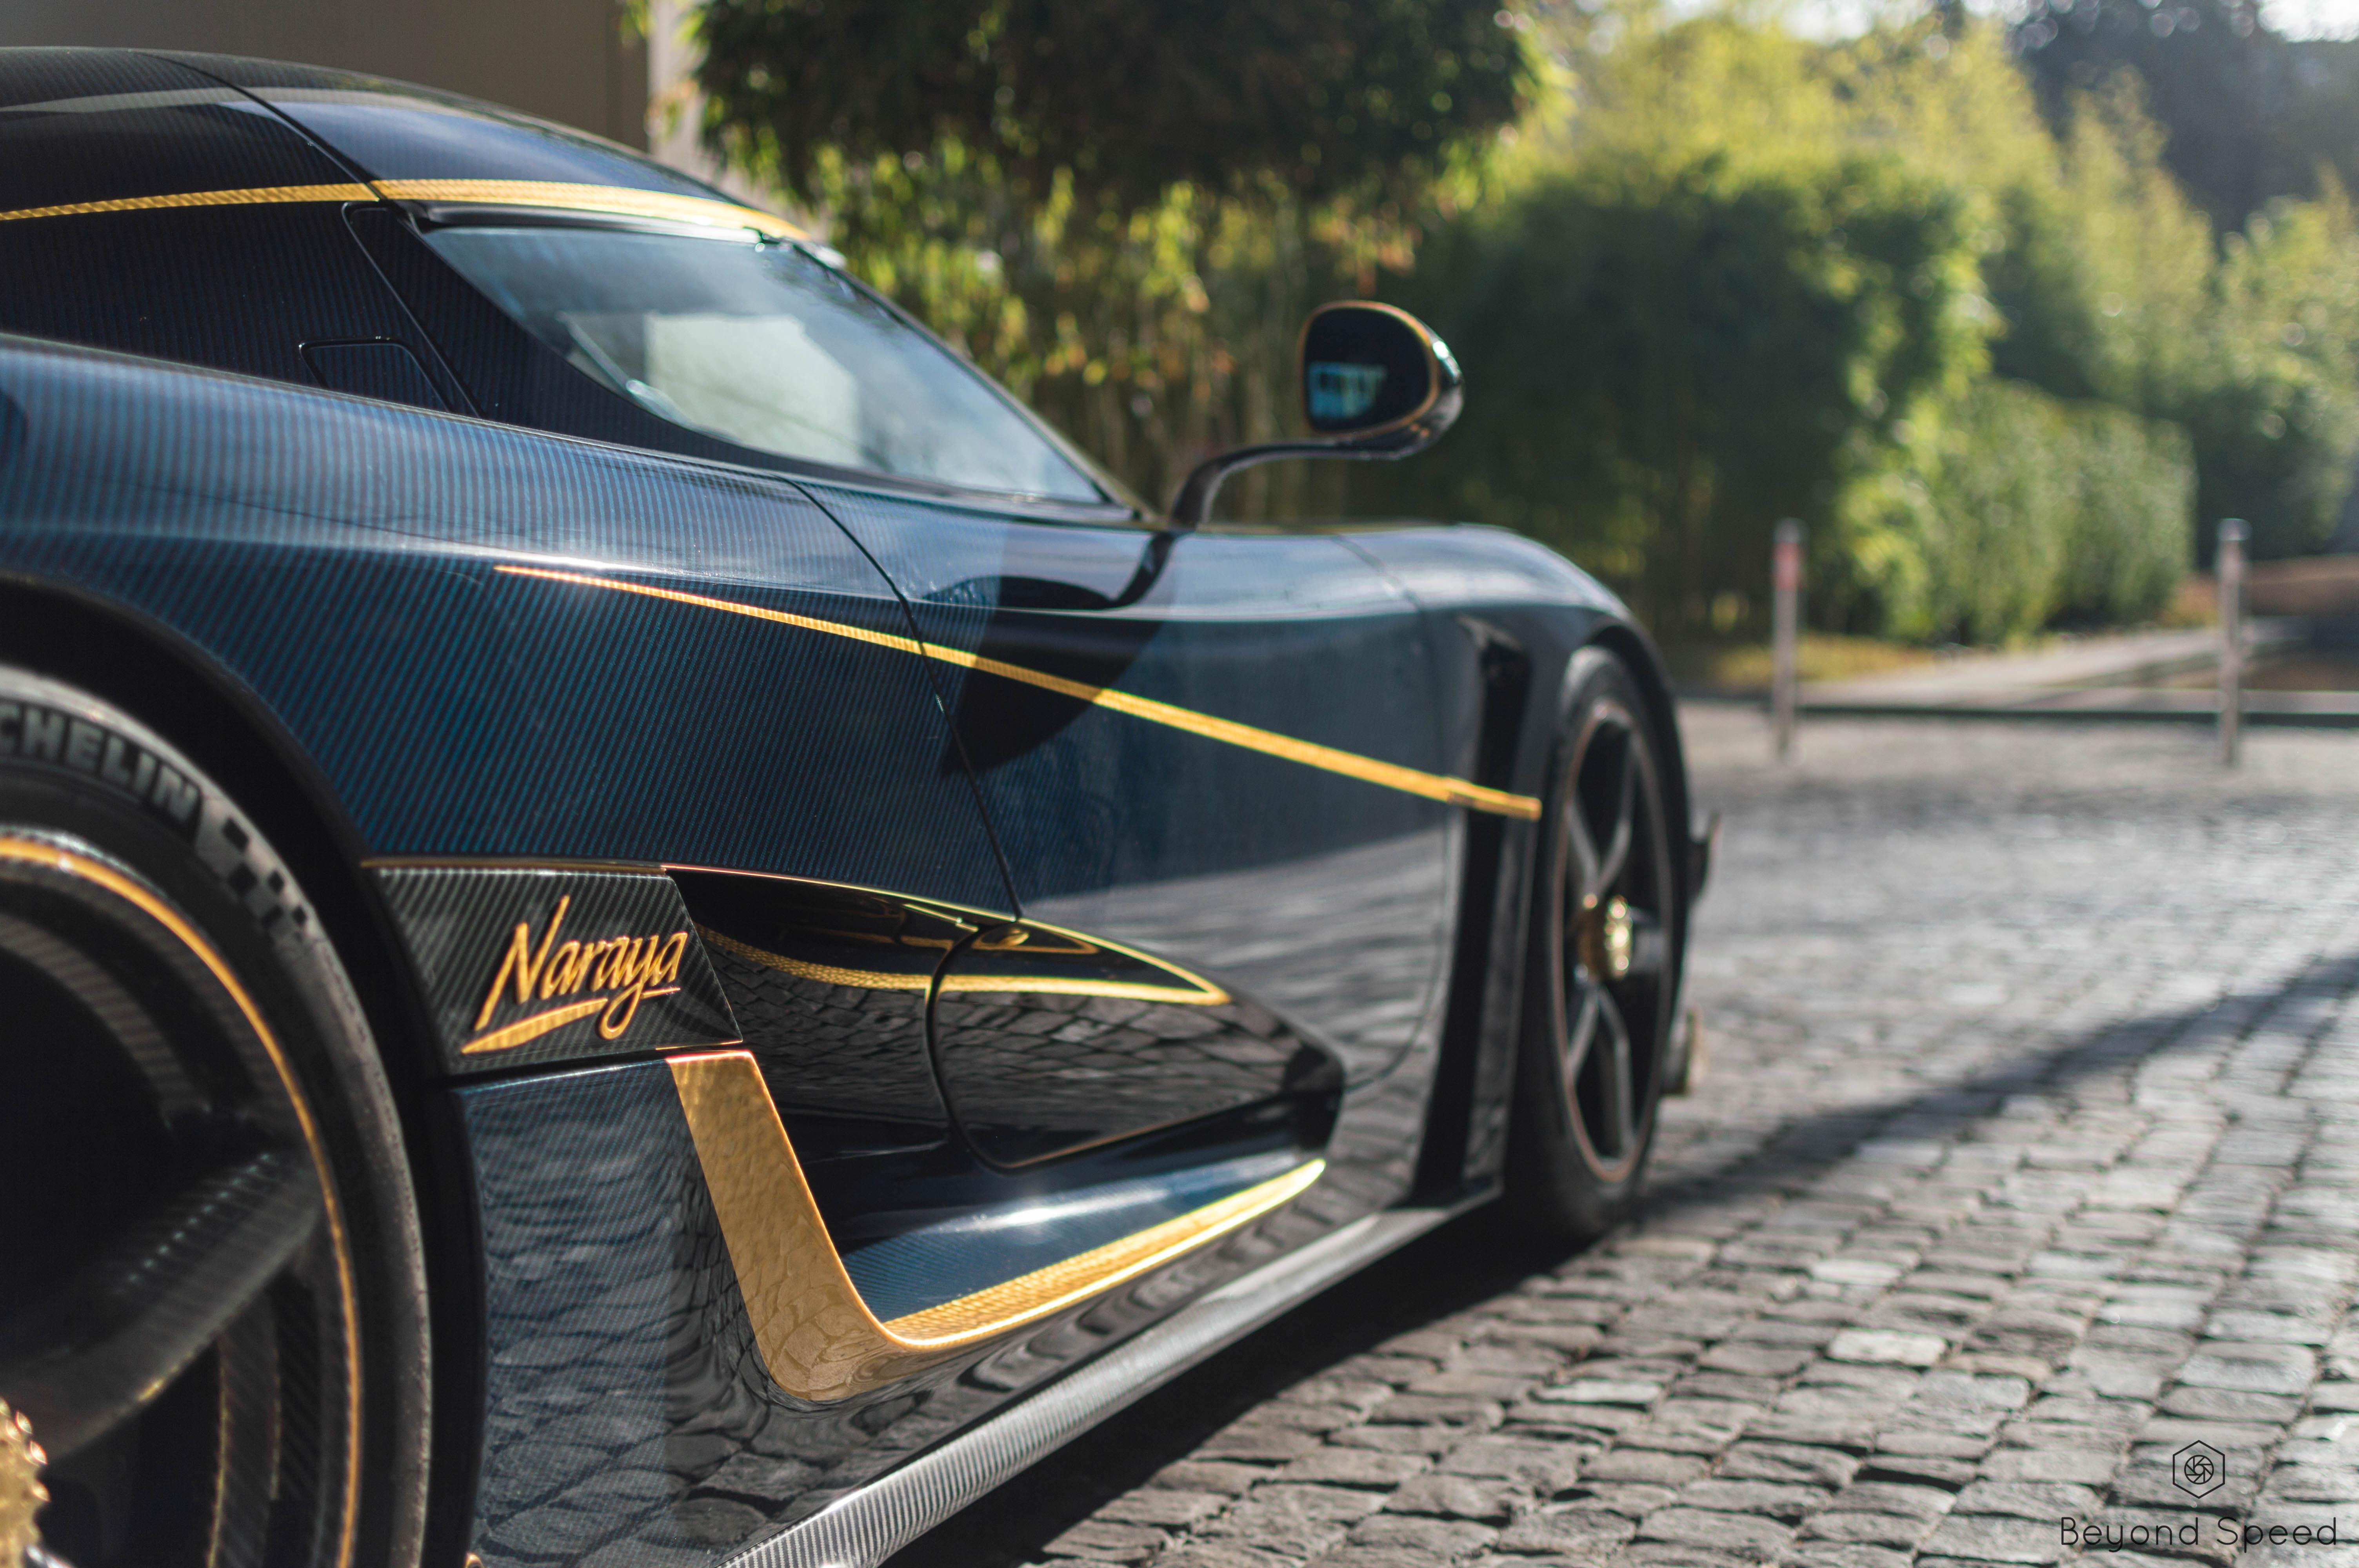 Wallpaper : Koenigsegg, Agera, naraya, supercar, supercars ...